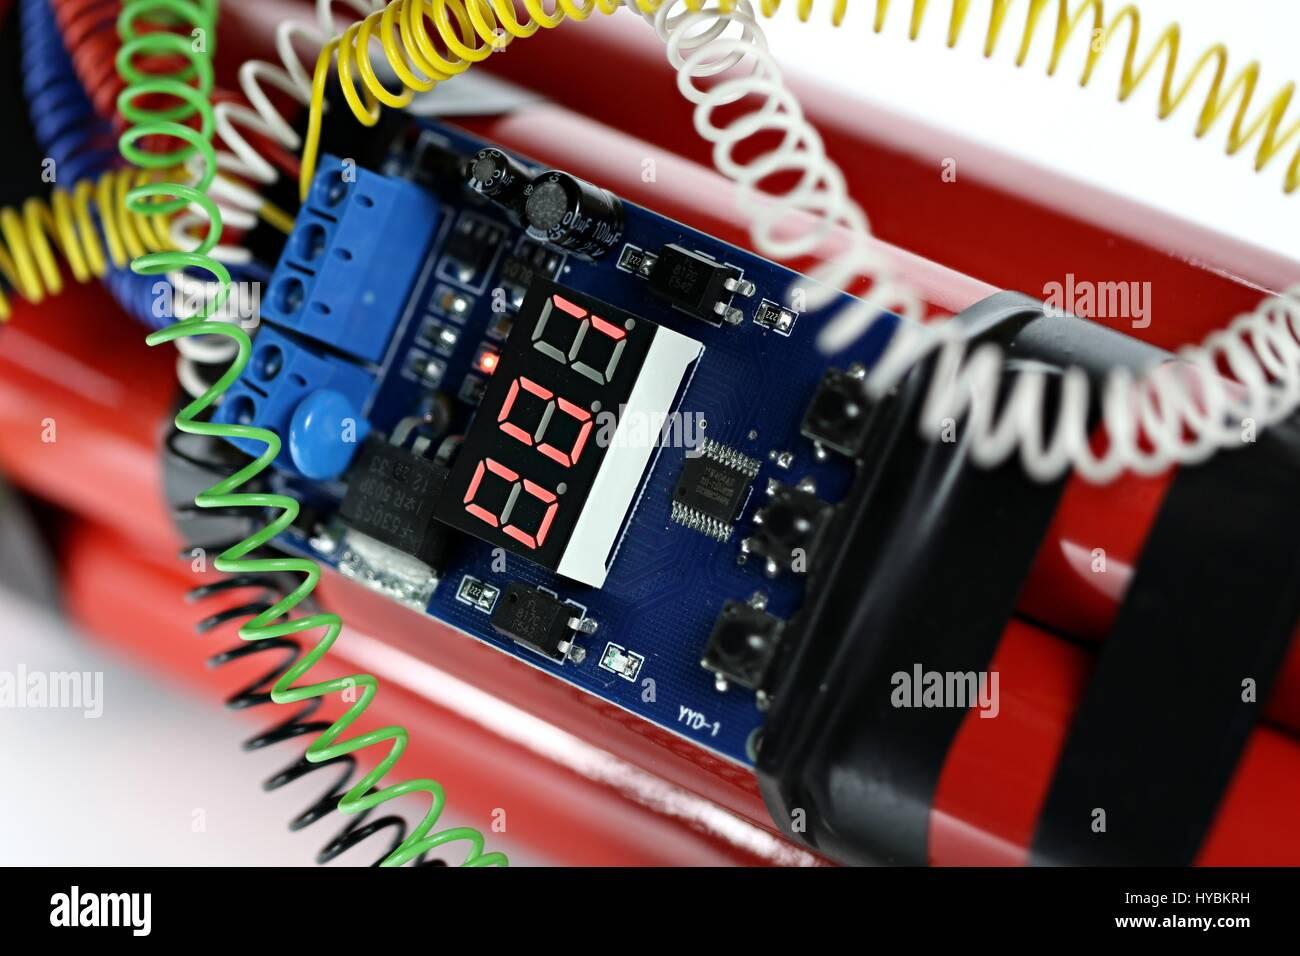 Digitalen Countdown Timer Einer Bombe Eine Sekunde Vor Der Explosion Amplifier